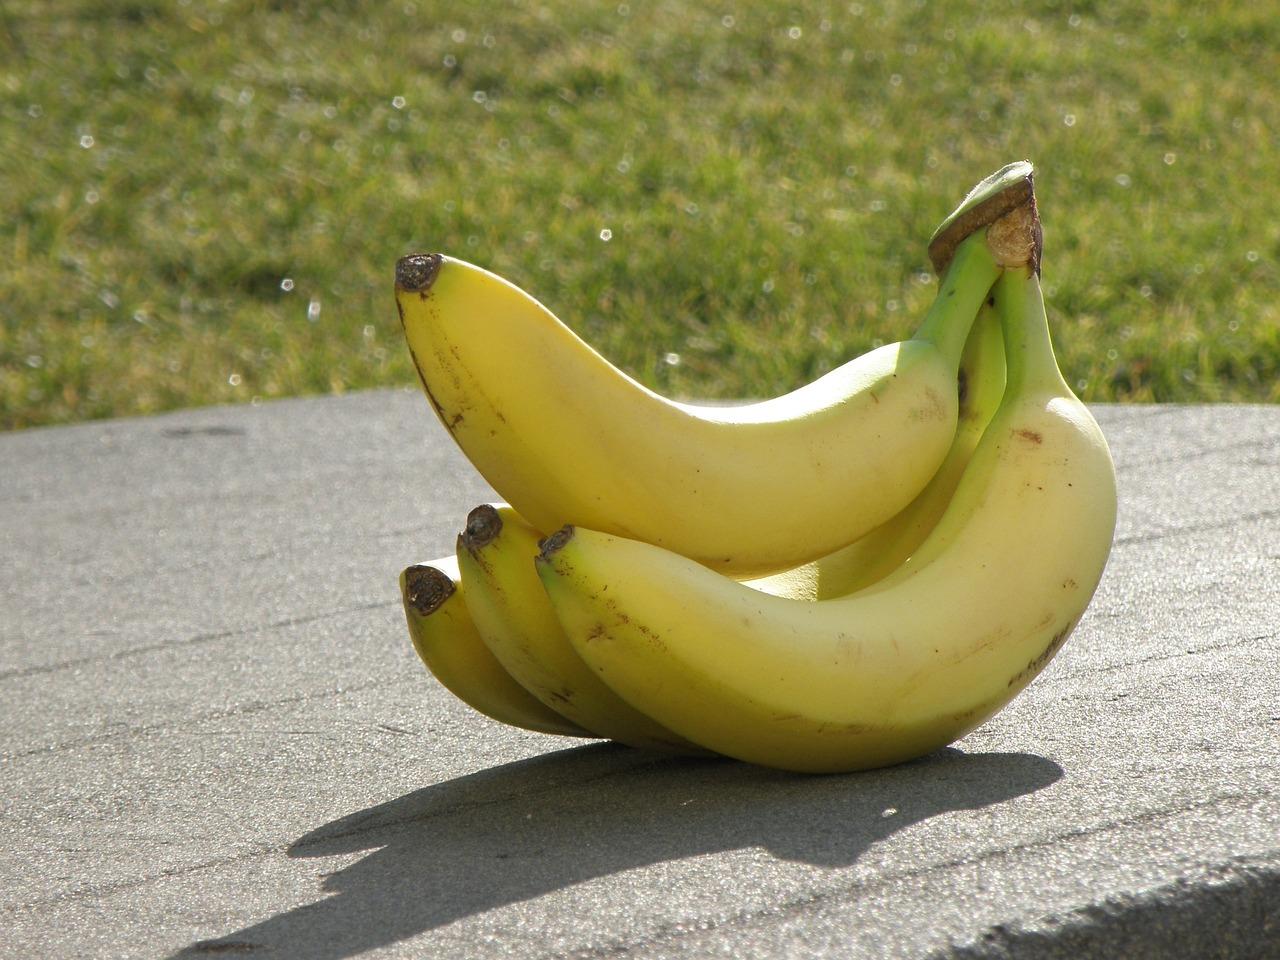 Фотки с бананами